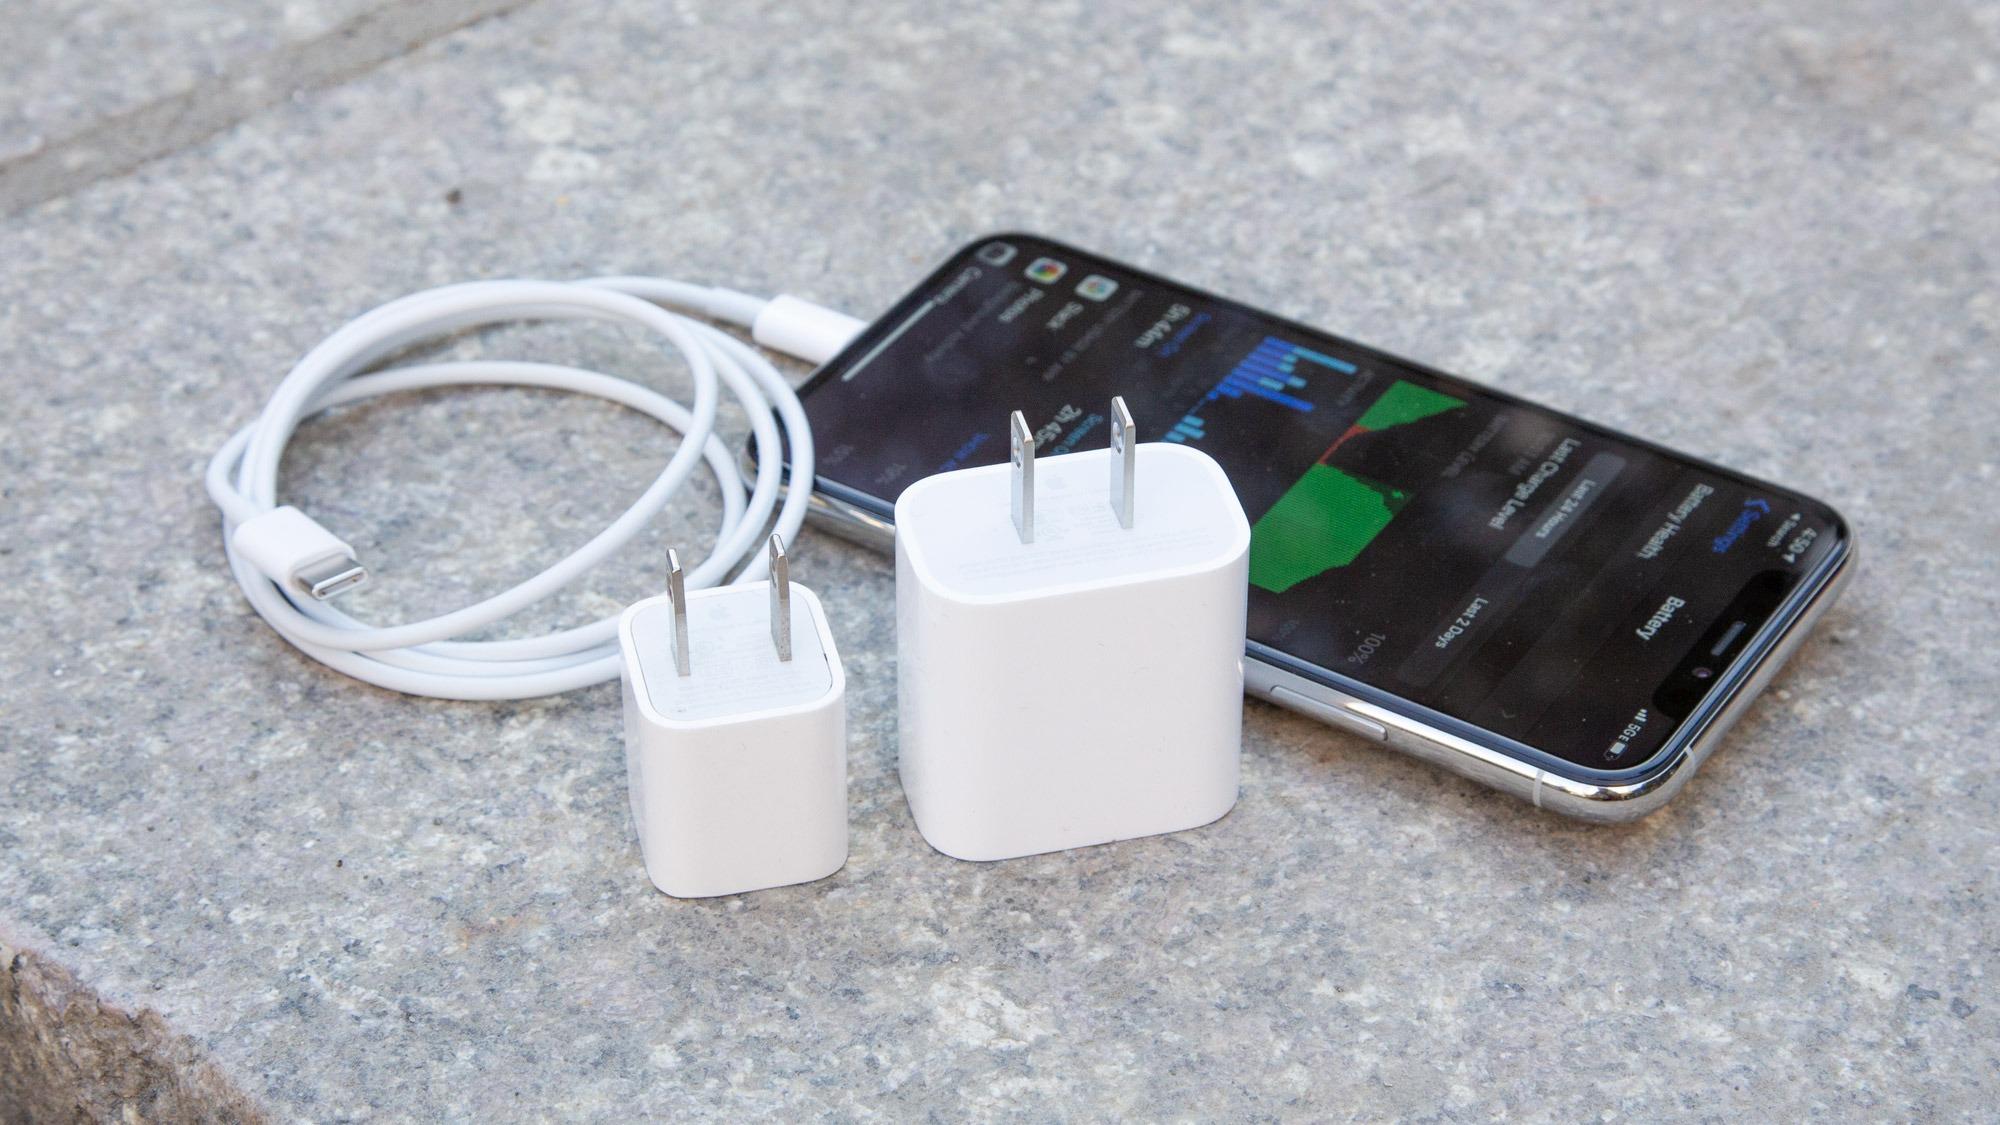 Migliori Caricabatterie IPhone 12 - Ecco la Lista Completa